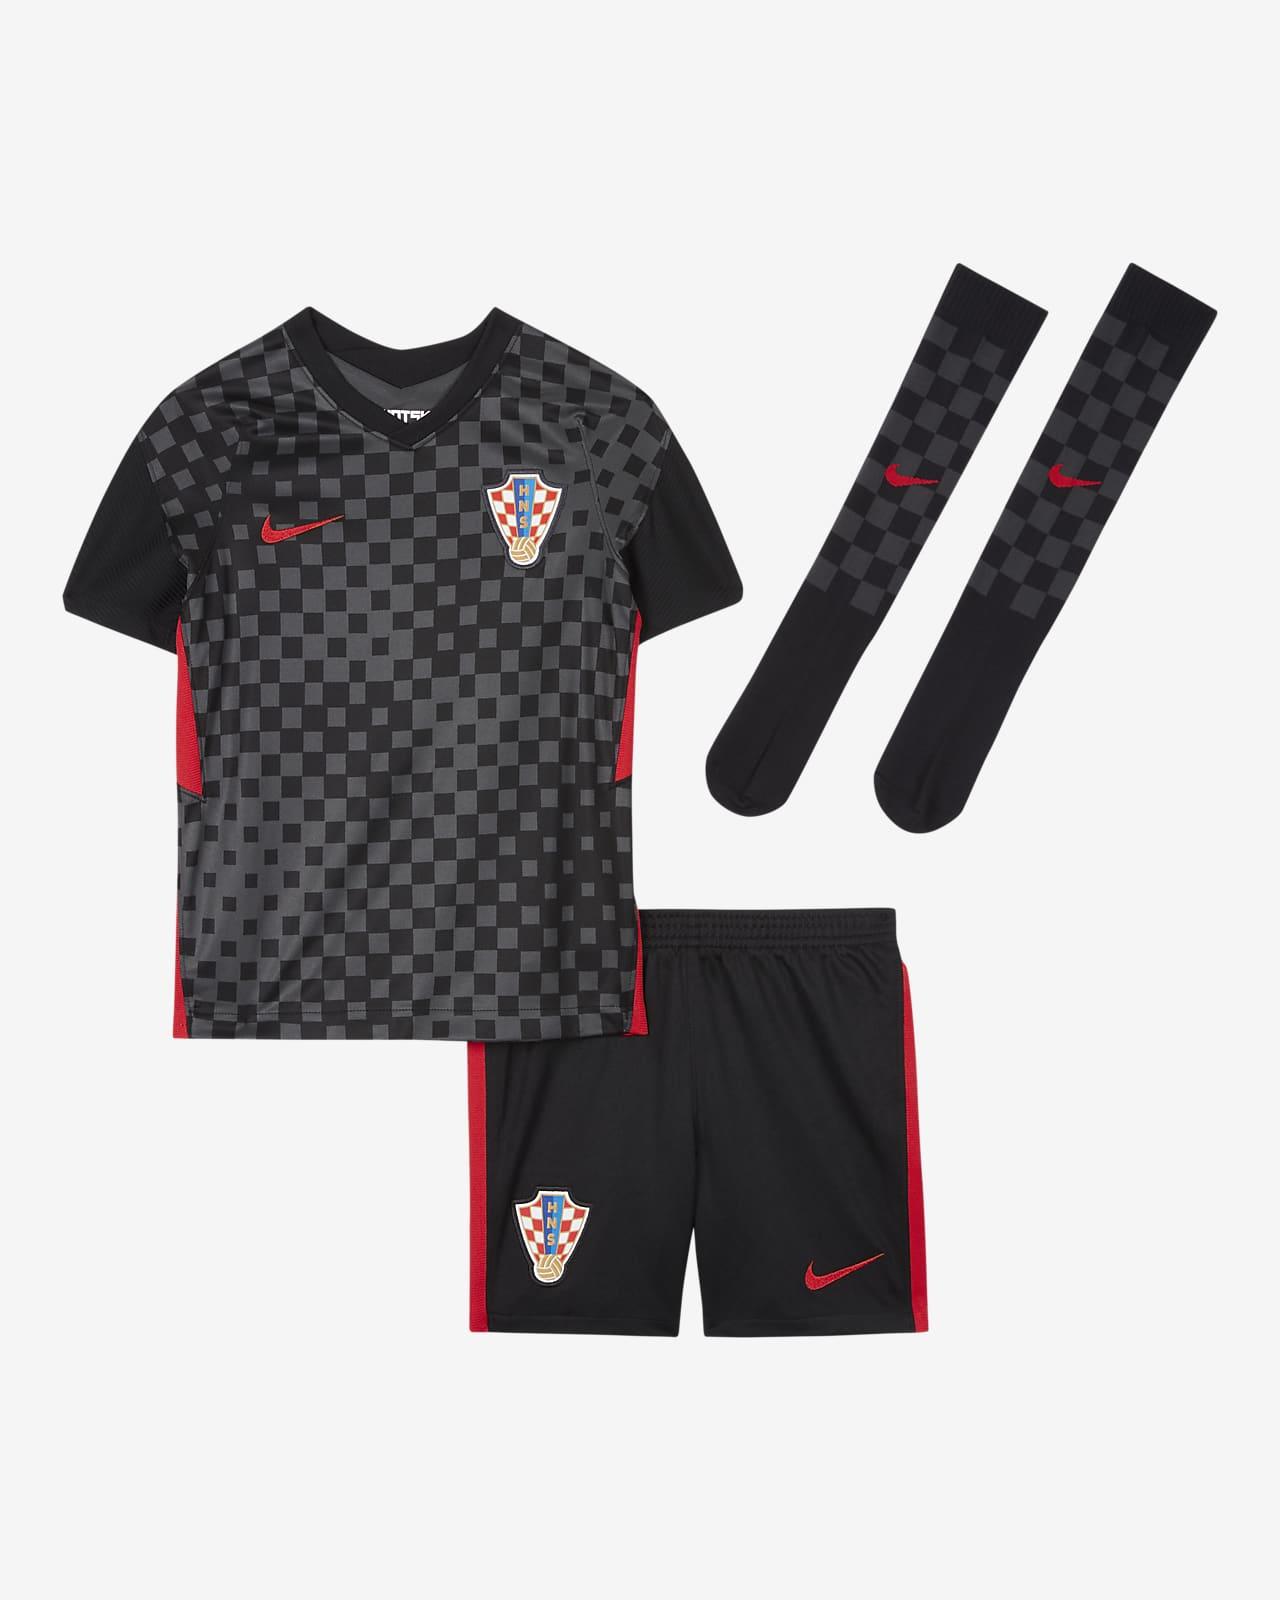 Футбольный комплект для дошкольников с символикой выездной формы сборной Хорватии 2020